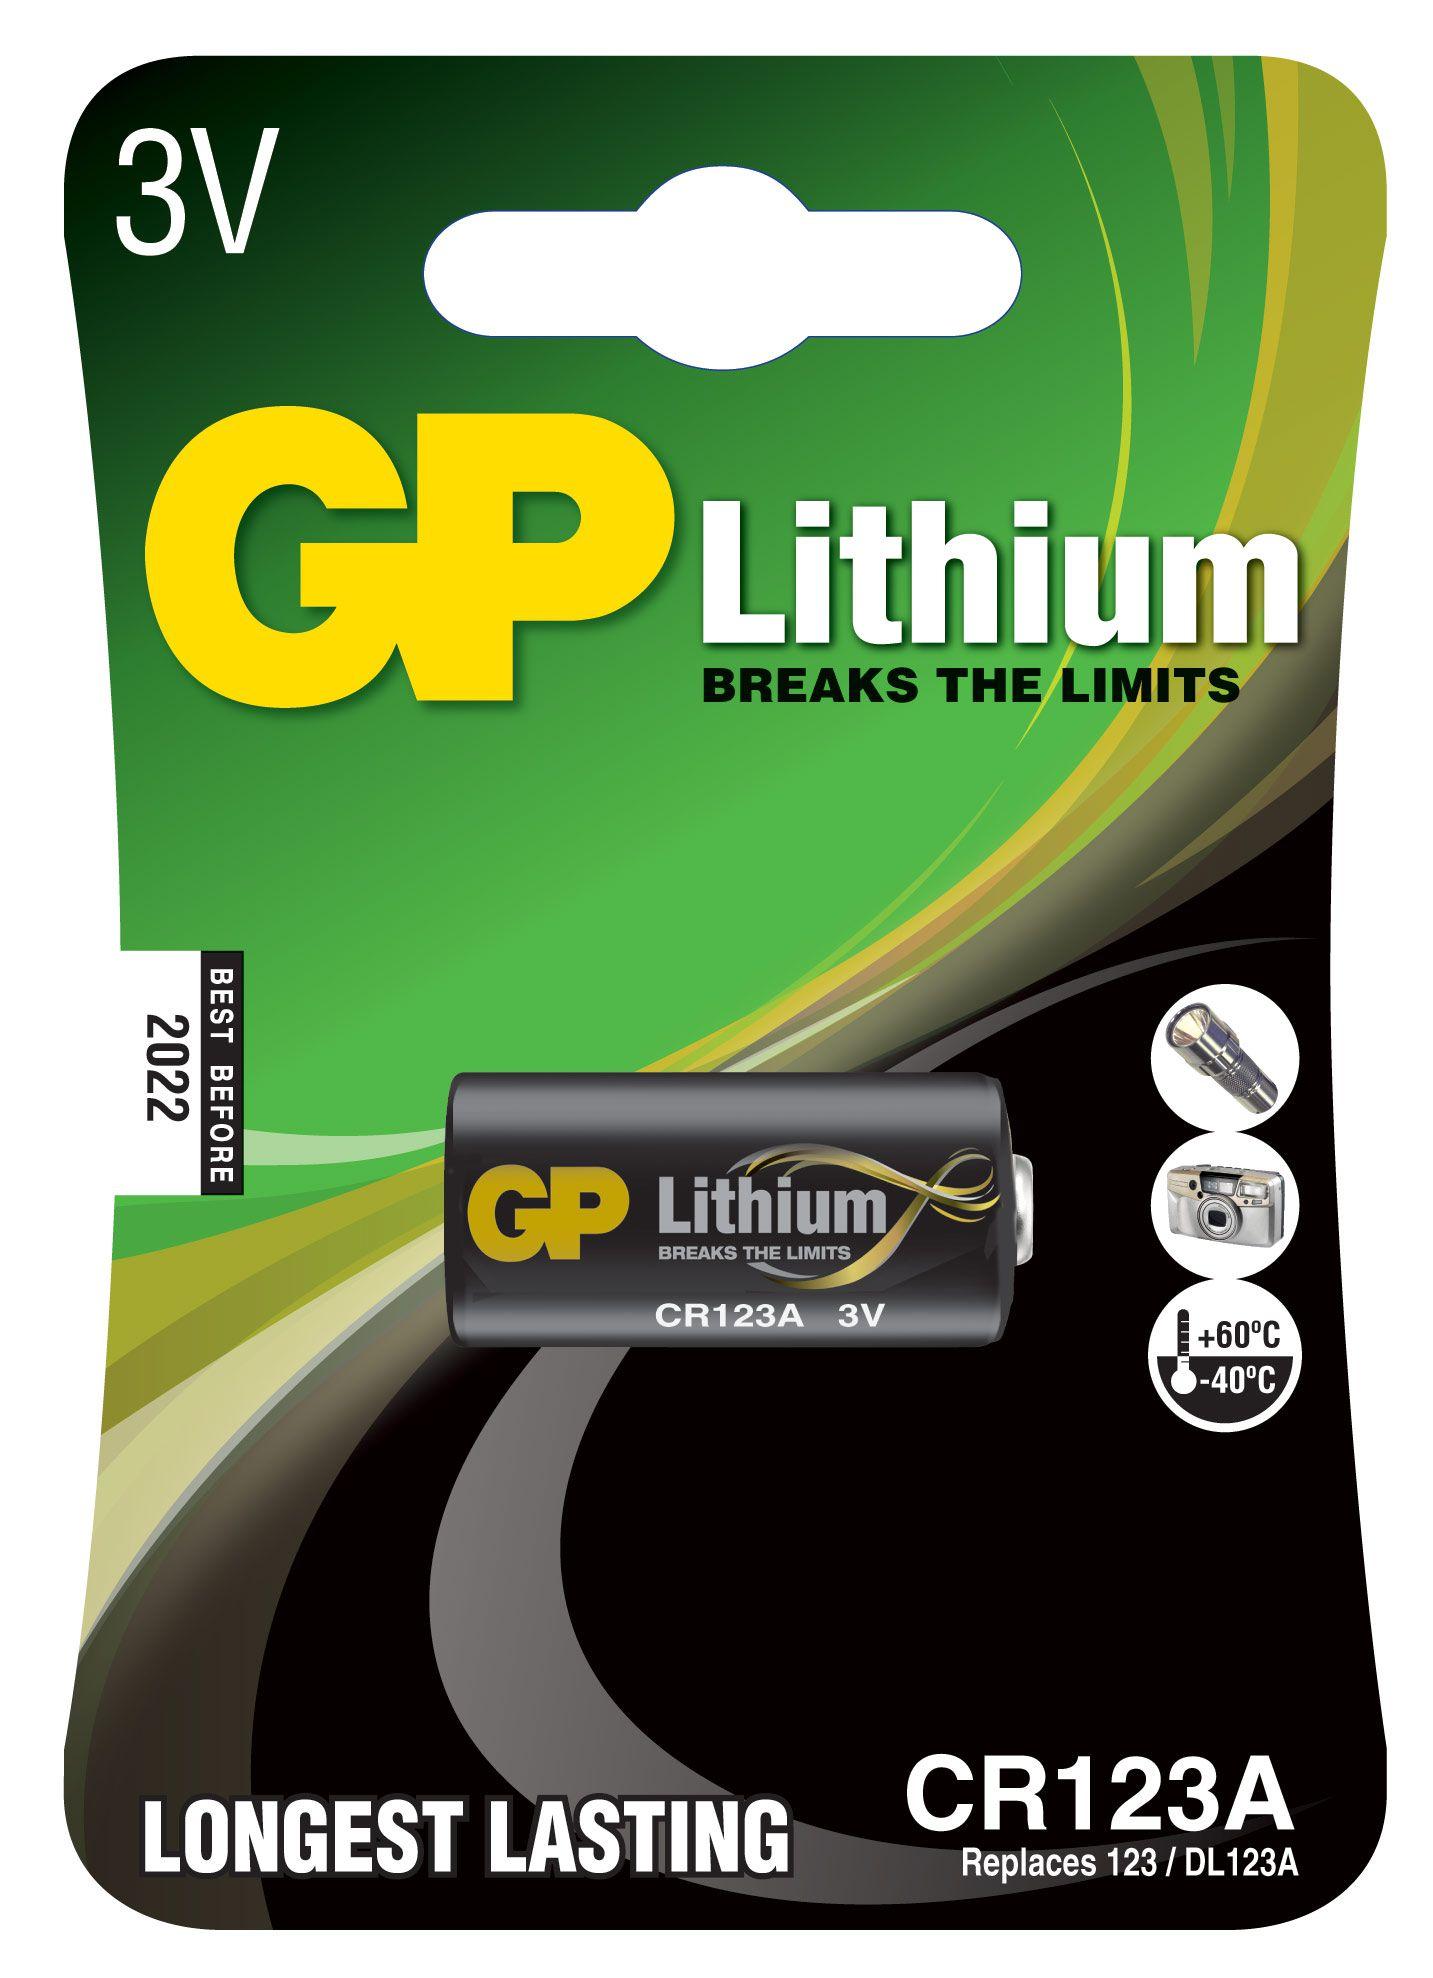 21 Pilha CR123A 3V Lithium GP - 21 cartela com 1 unidade